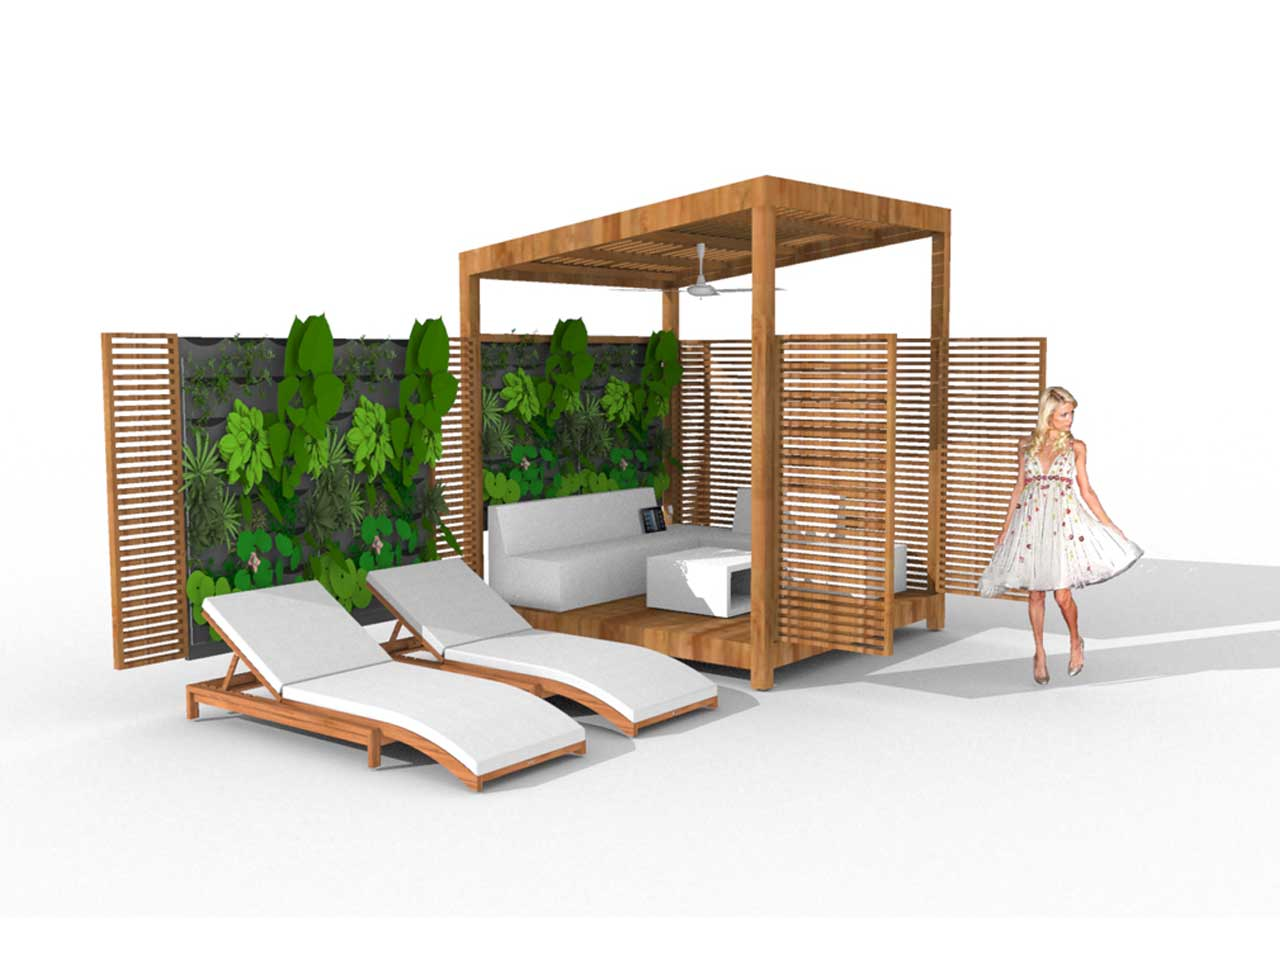 Furnituredesignstage.jpg